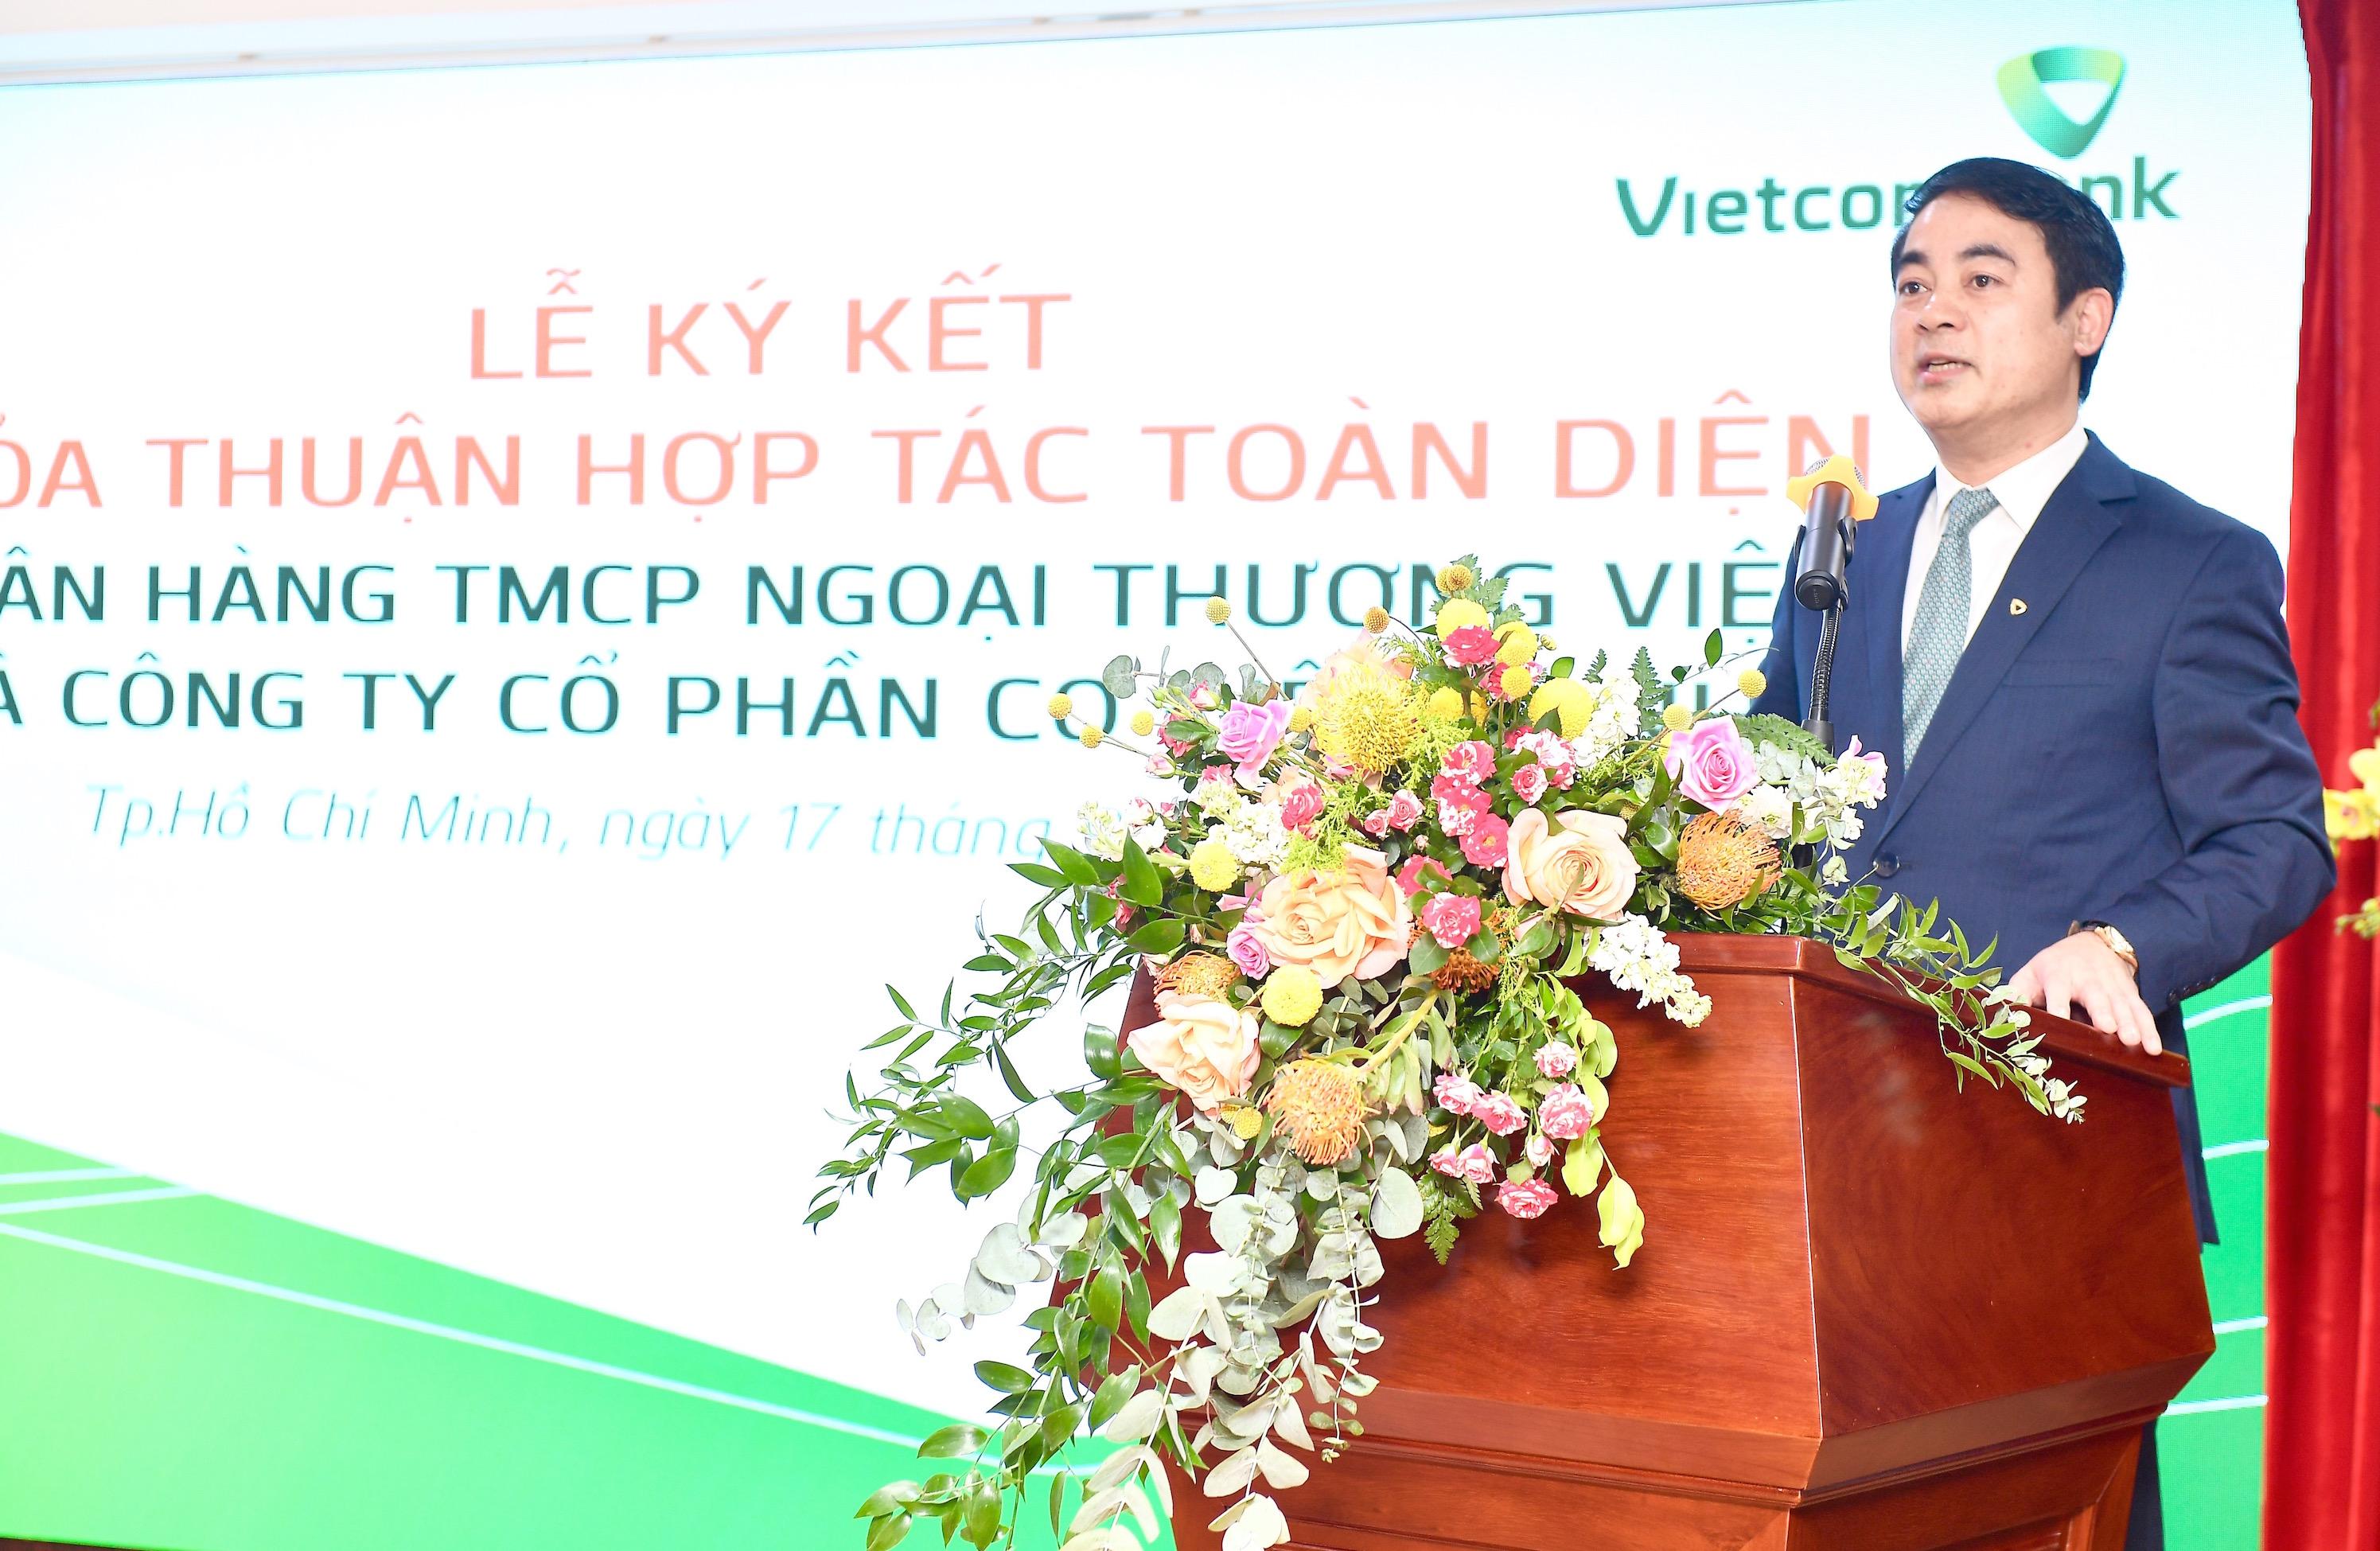 Vietcombank ký kết Thoả thuận Hợp tác toàn diện với Công ty Cổ phần Cơ Điện Lạnh